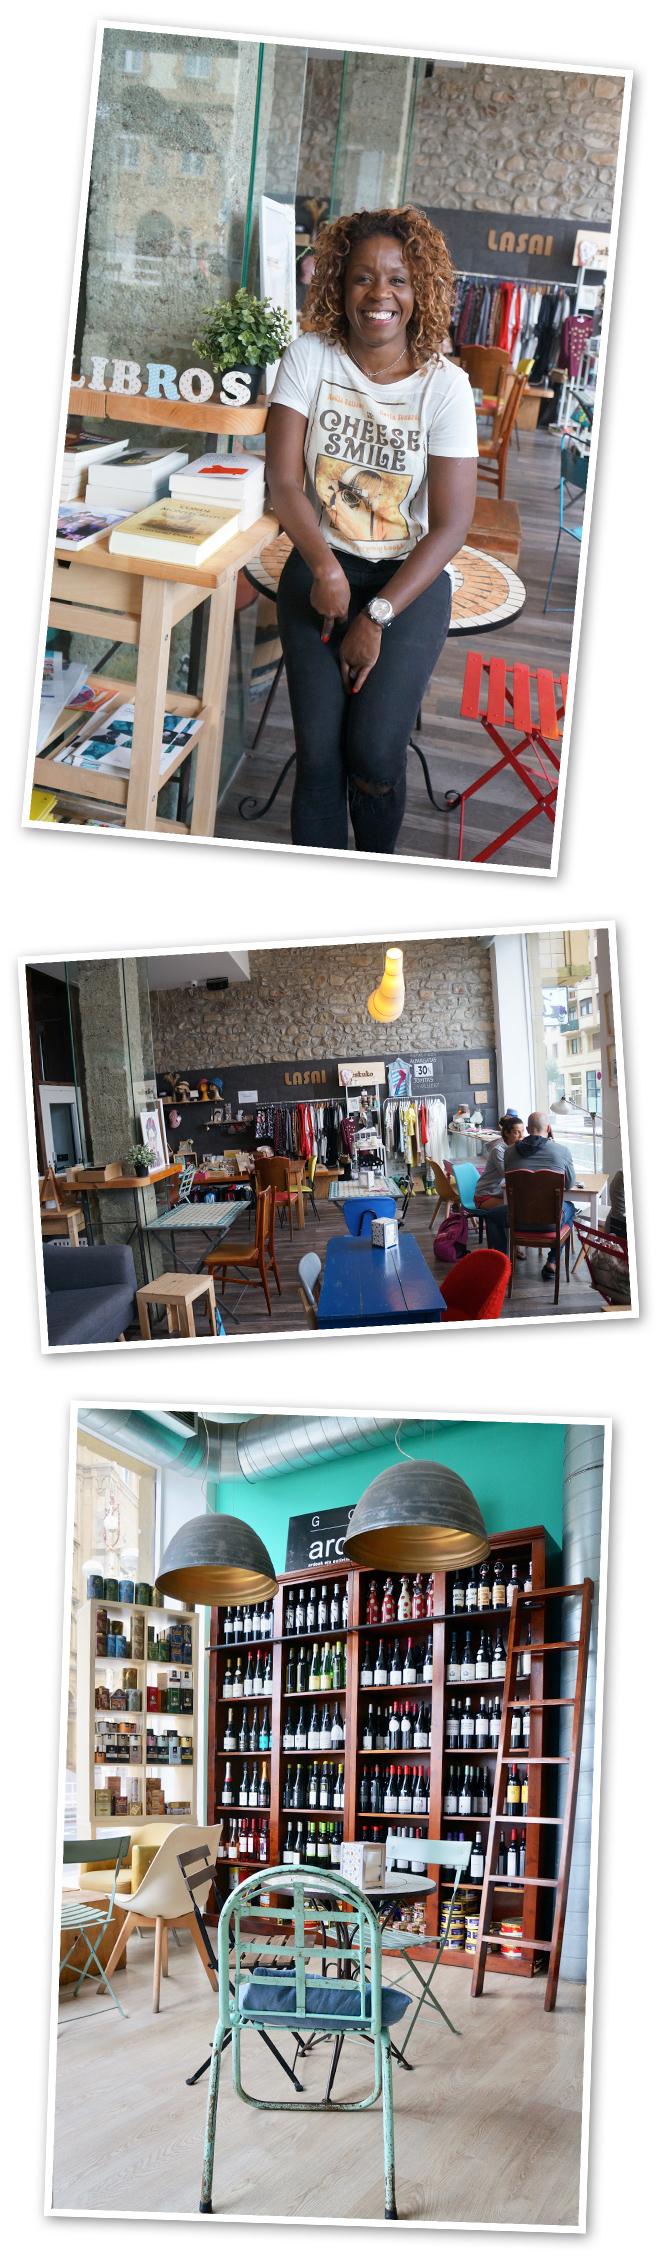 Belgrado es un espacio gastro innovador y con mucho estilo (de aire surfer) donde hay desde una cafetería con un café y tartas riquísimas, una tienda de moda y de productos gourmet hasta una vinacoteca. Ana Rodríguez de Almeida y Ainara Legarda, sus propietarias, han conseguido crear un espacio con gran encanto donde no falta la música del momento. Ellas también son las fundadoras de otro rincón gastro genial, el Koh Tao